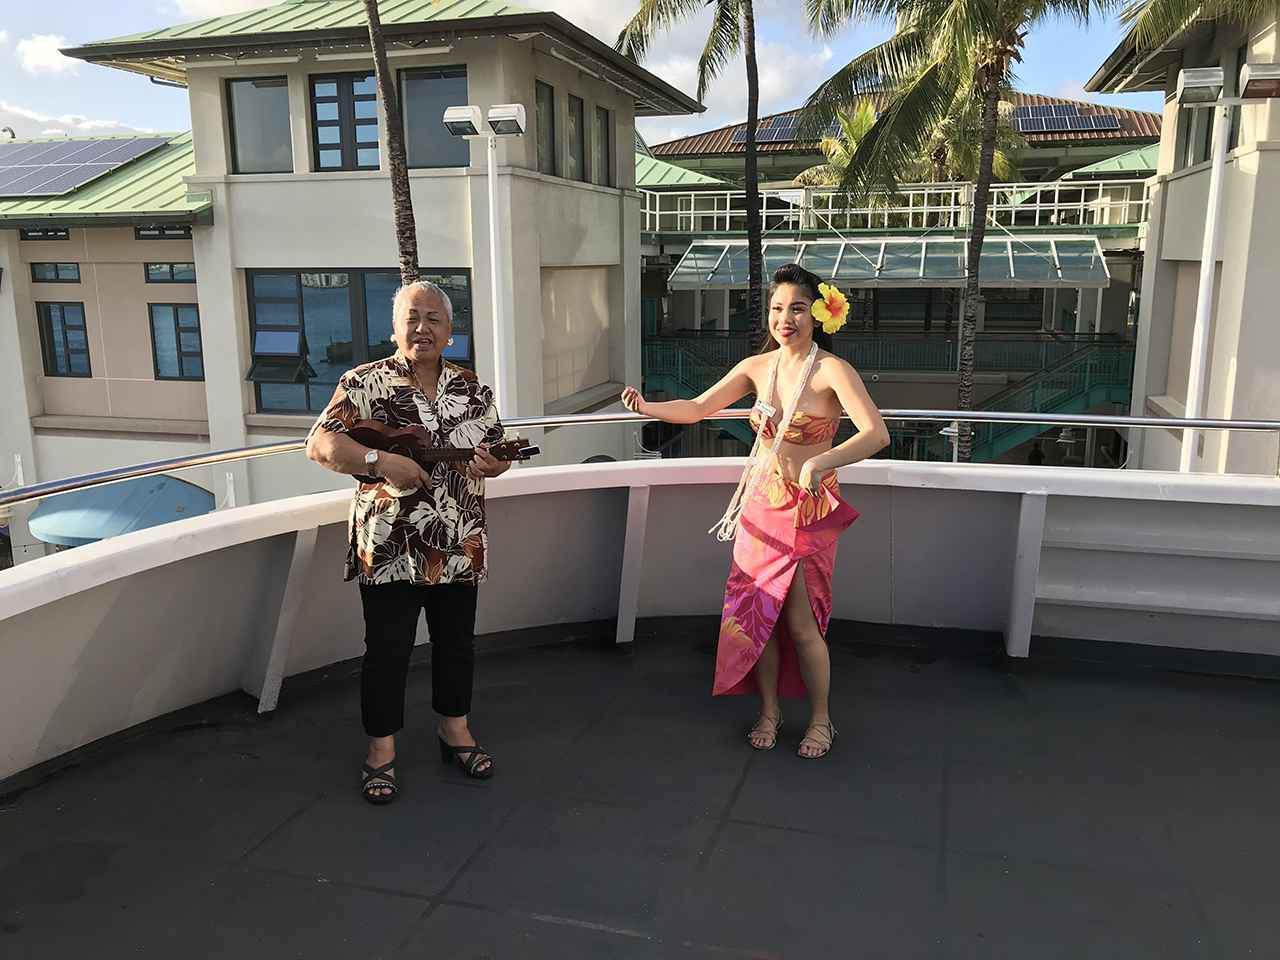 画像4: (ハワイ)現地スタッフが体験!~ファイブスター・サンセットダイニング&ジャズクルーズ~